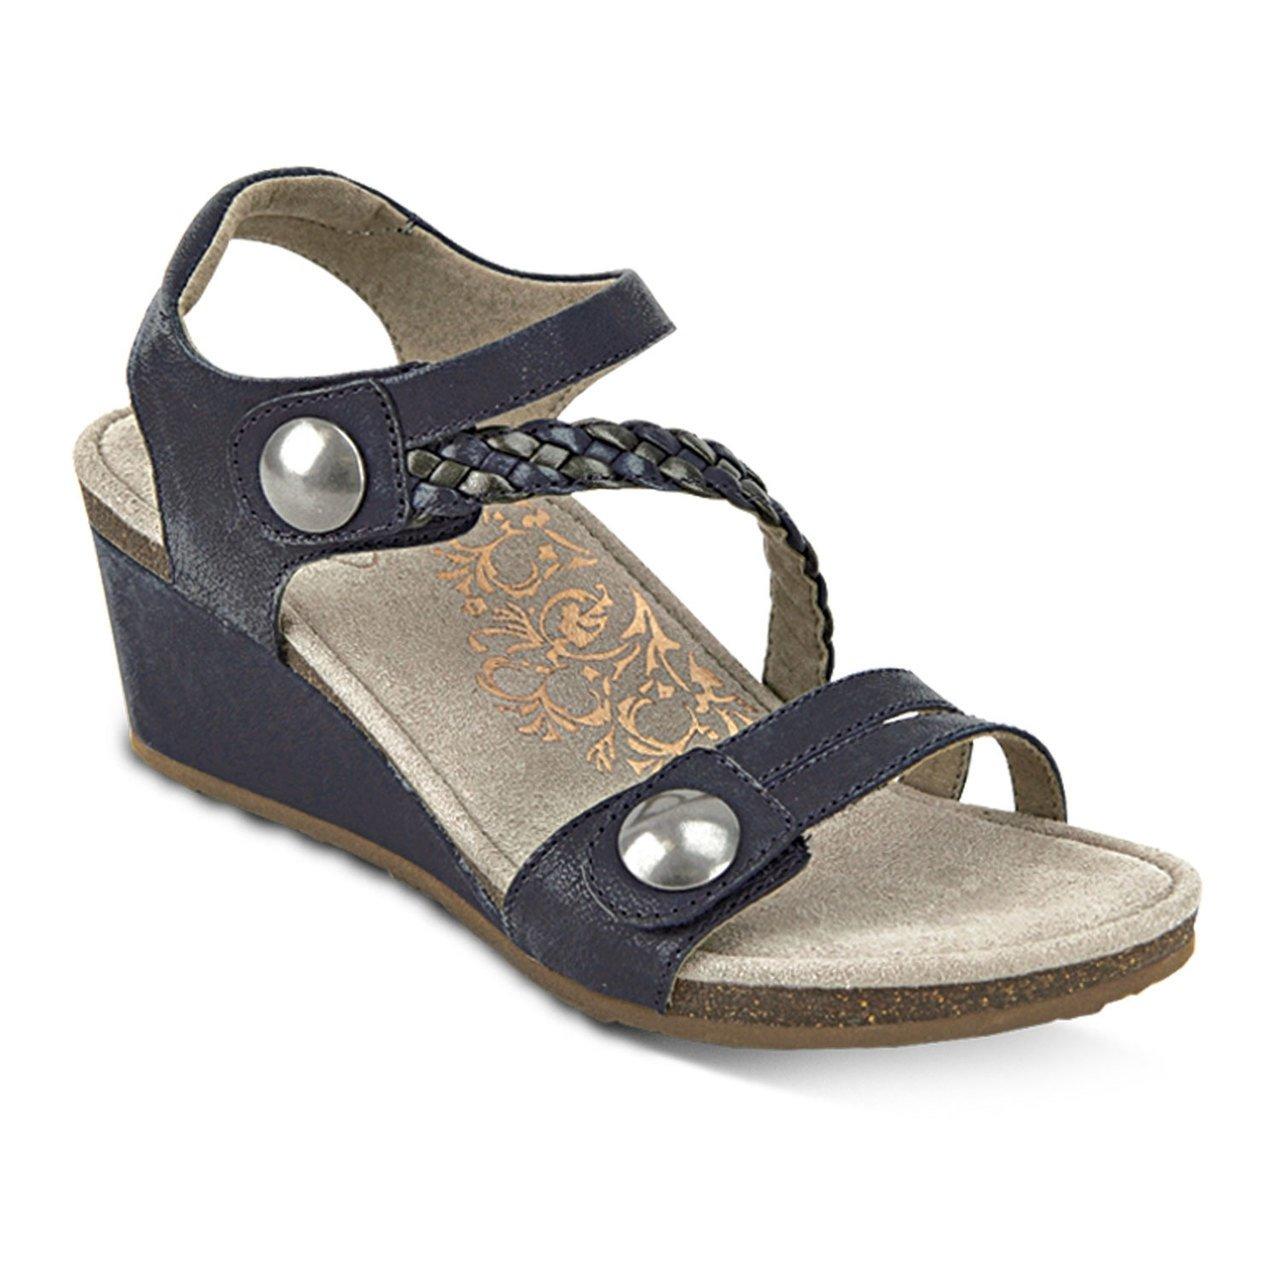 Women's Naya Braid Quarter Strap Wedge Sandal (39) B00N8JJUXI Parent